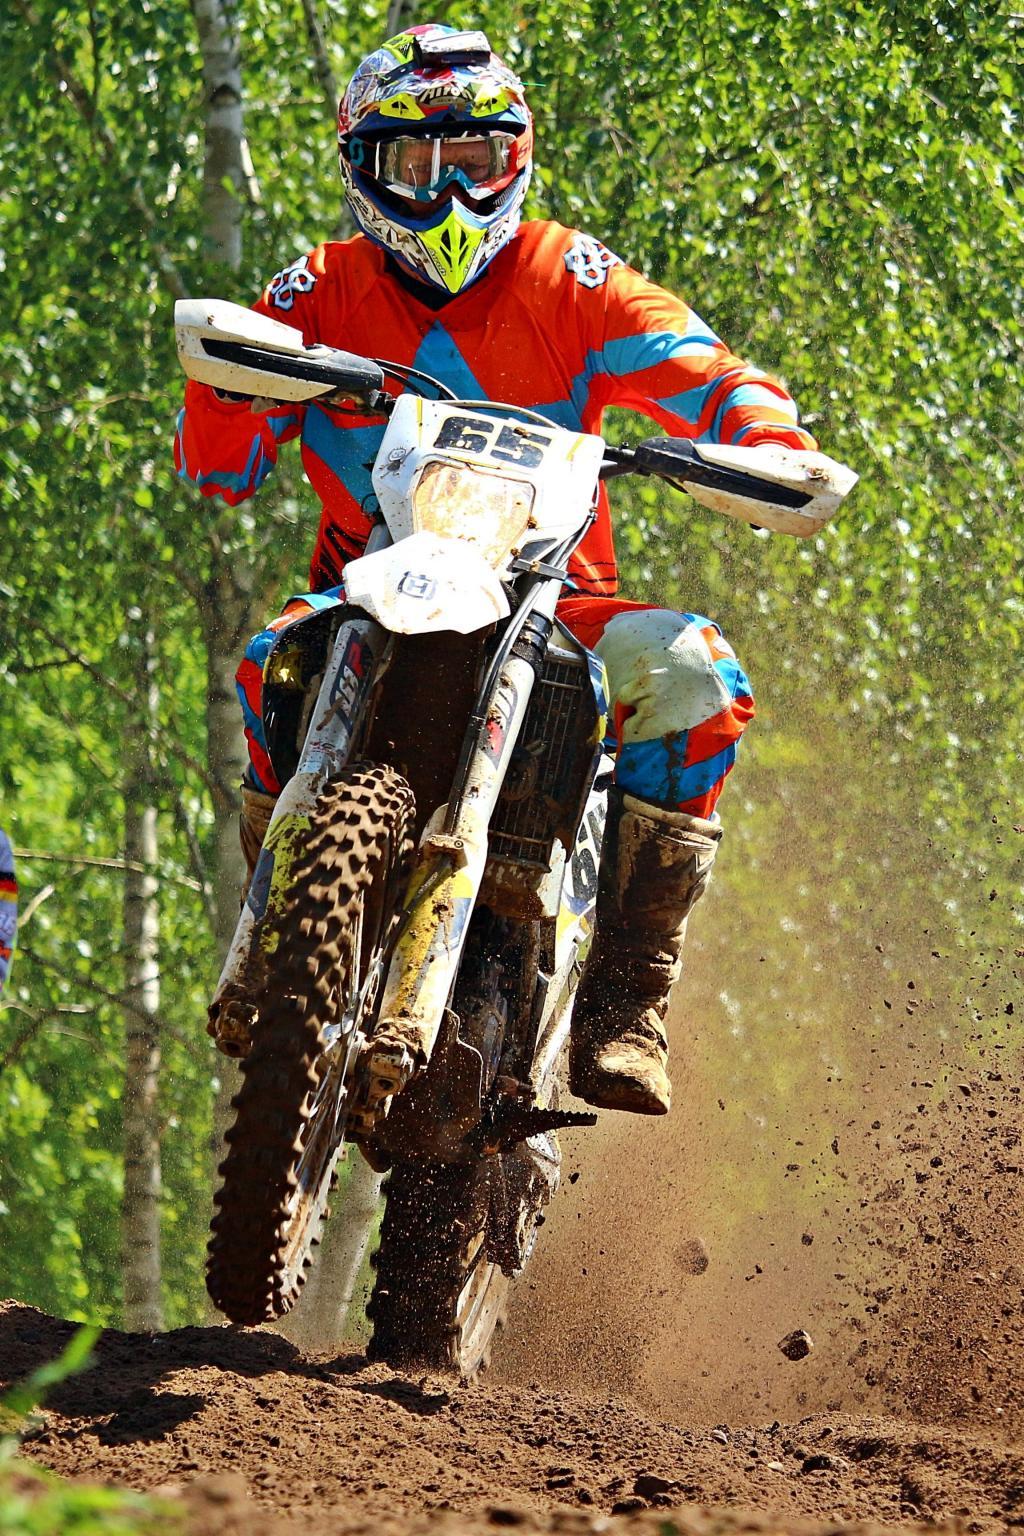 摩托车越野赛, 耐力赛, 摩托车, 十字架, 赛车, 摩托车越野赛骑, 越野车